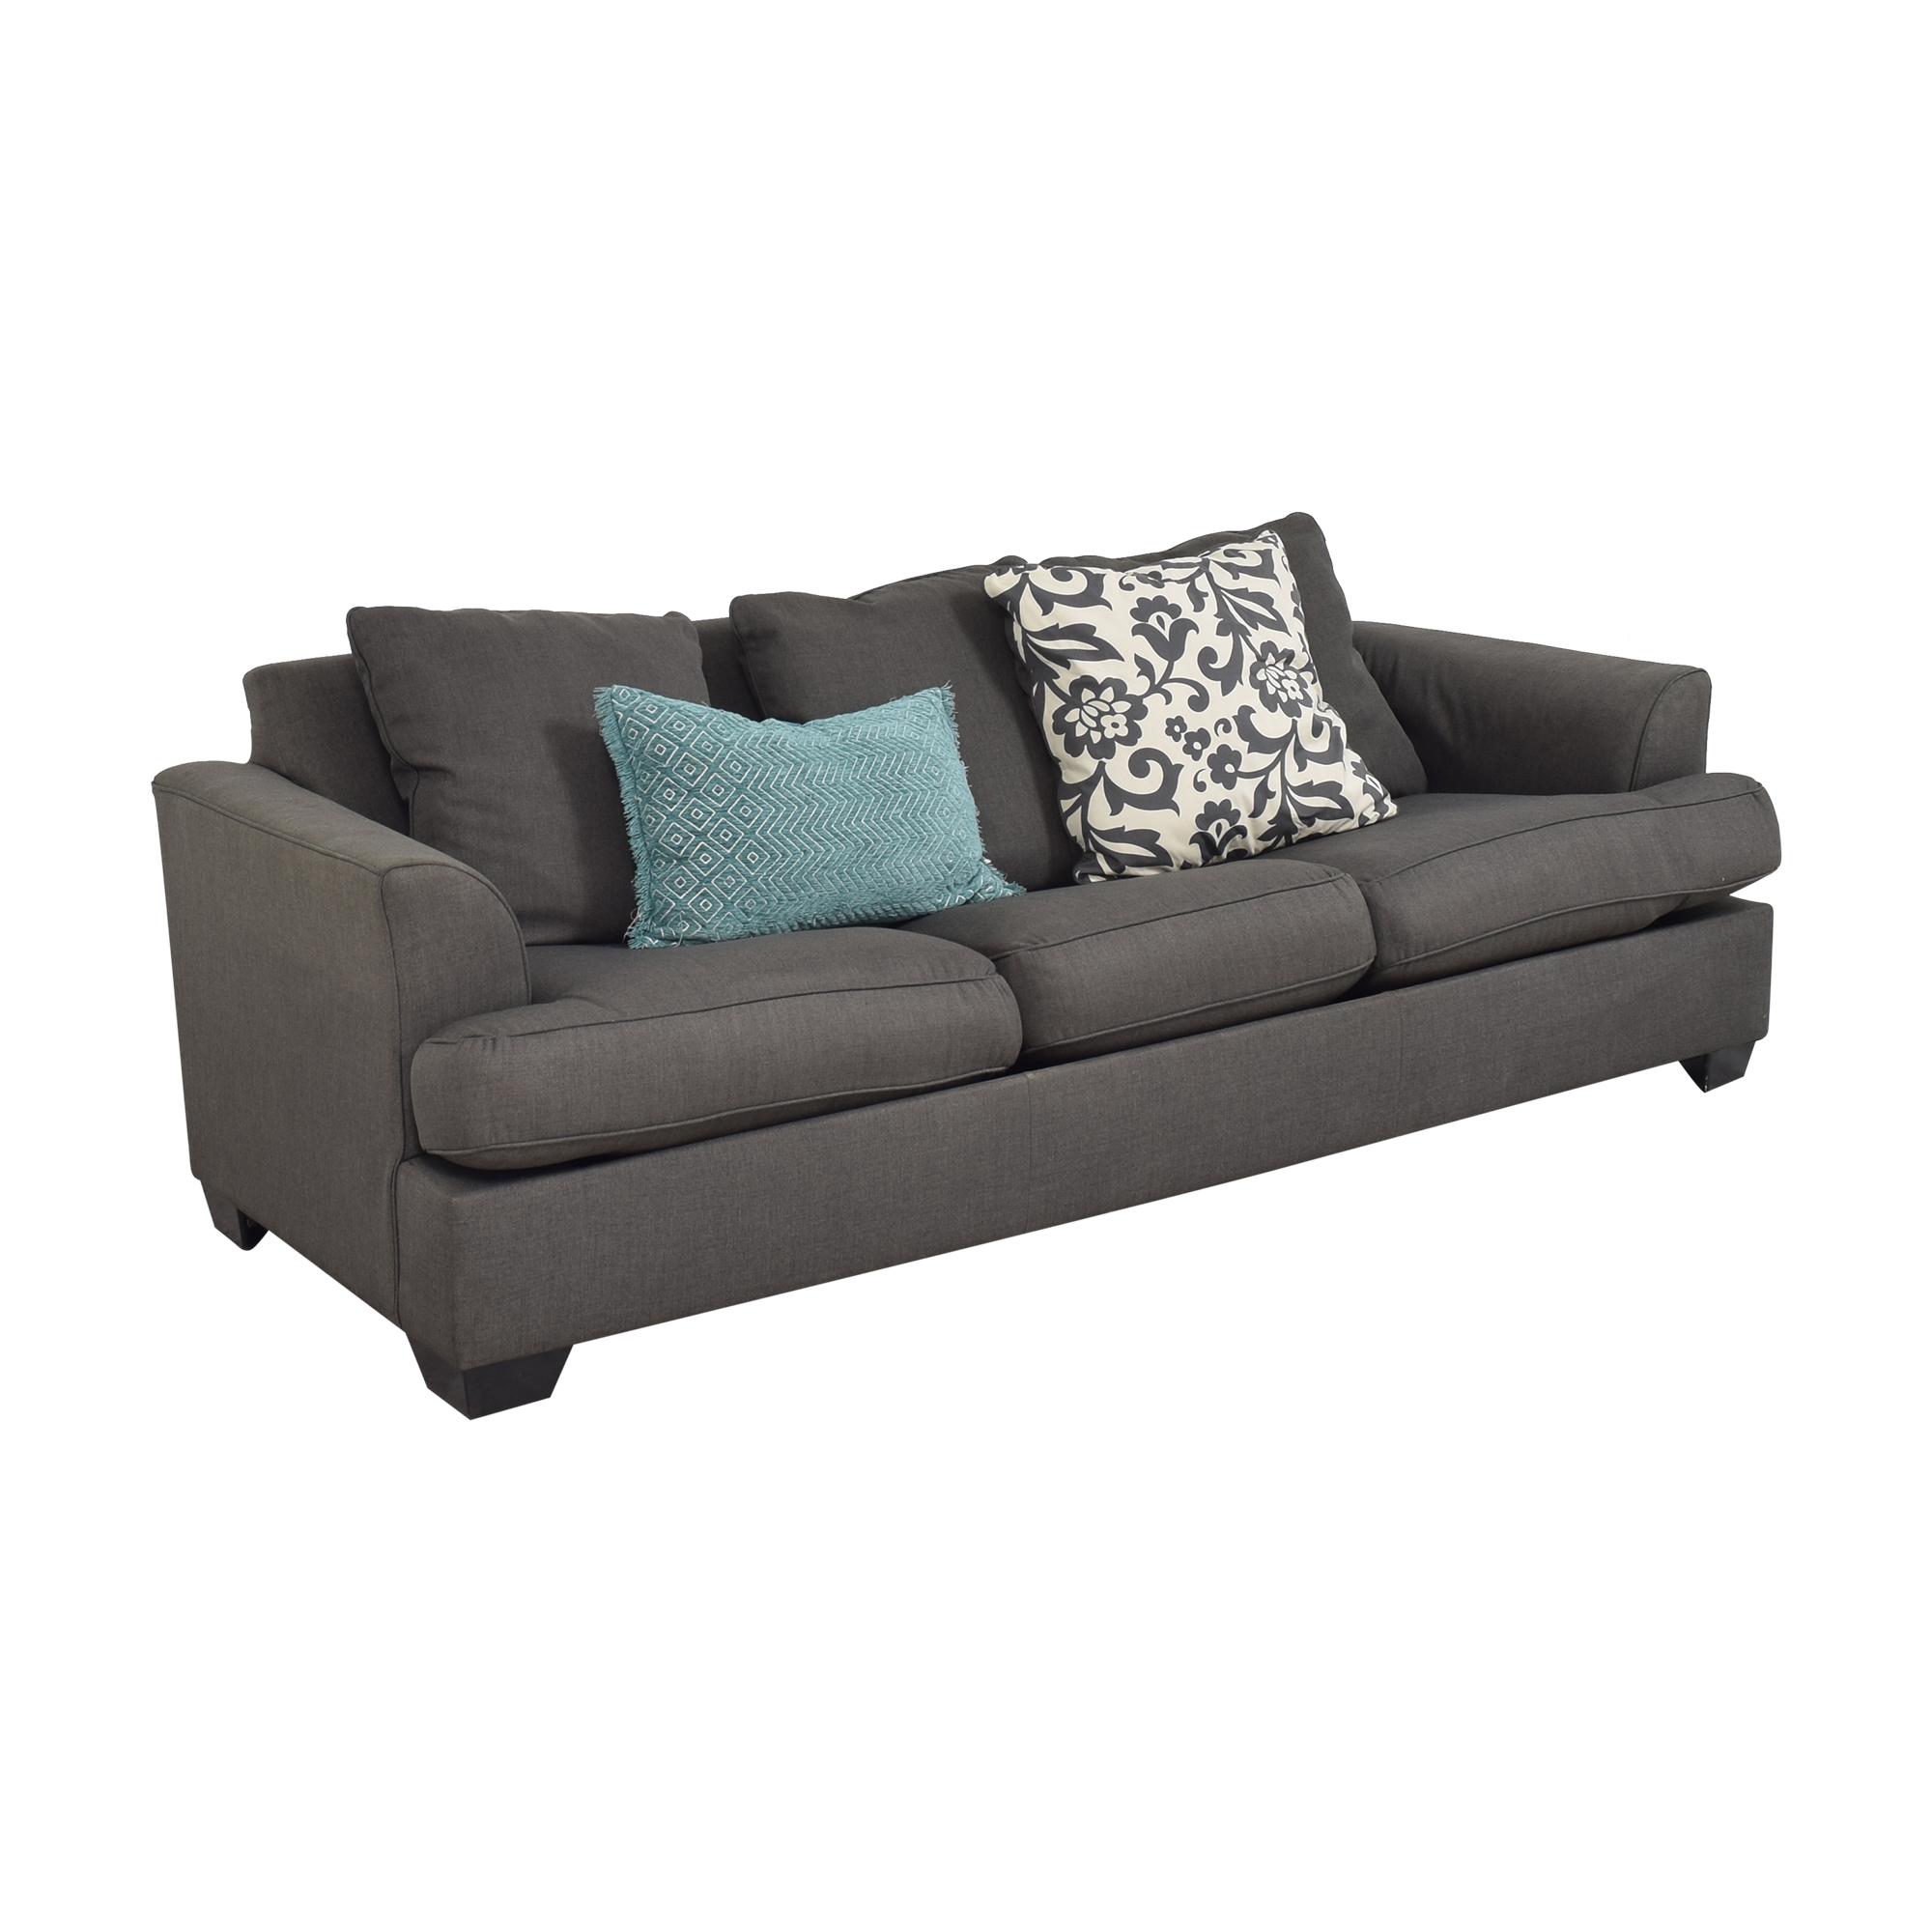 Three Cushion Sleeper Sofa nj